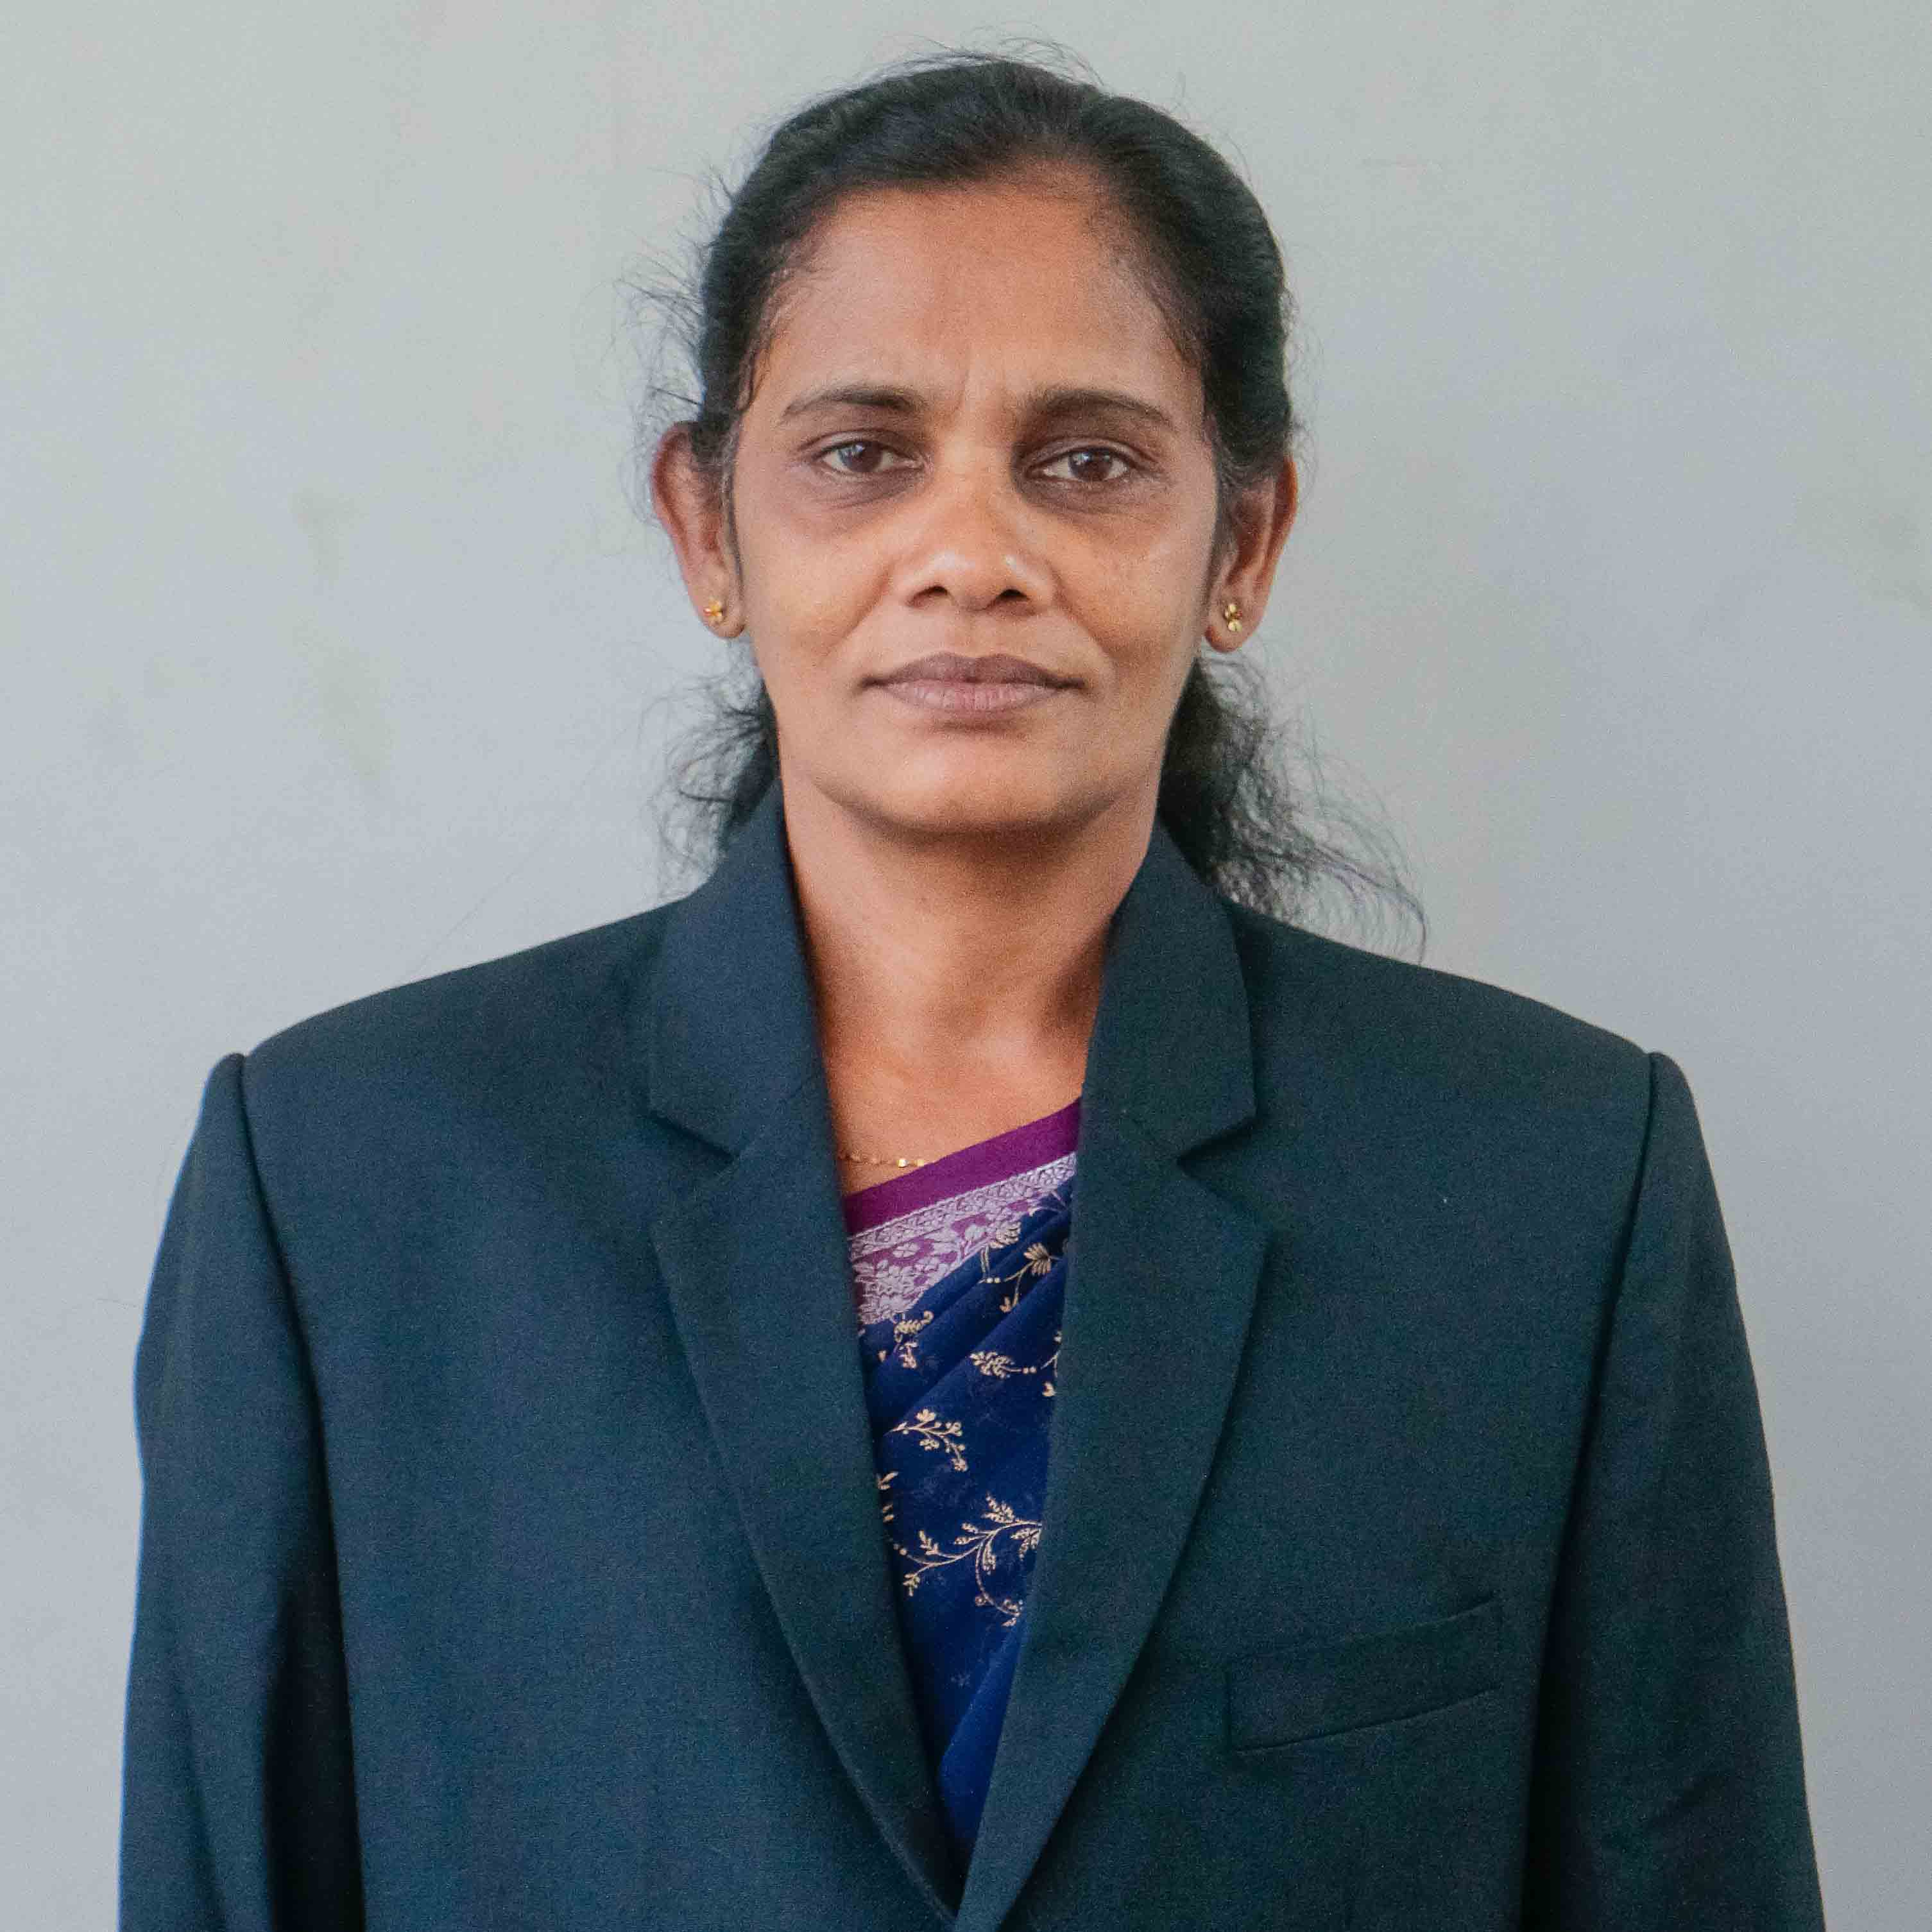 Mrs. N.D.K. Sagarika Peiris